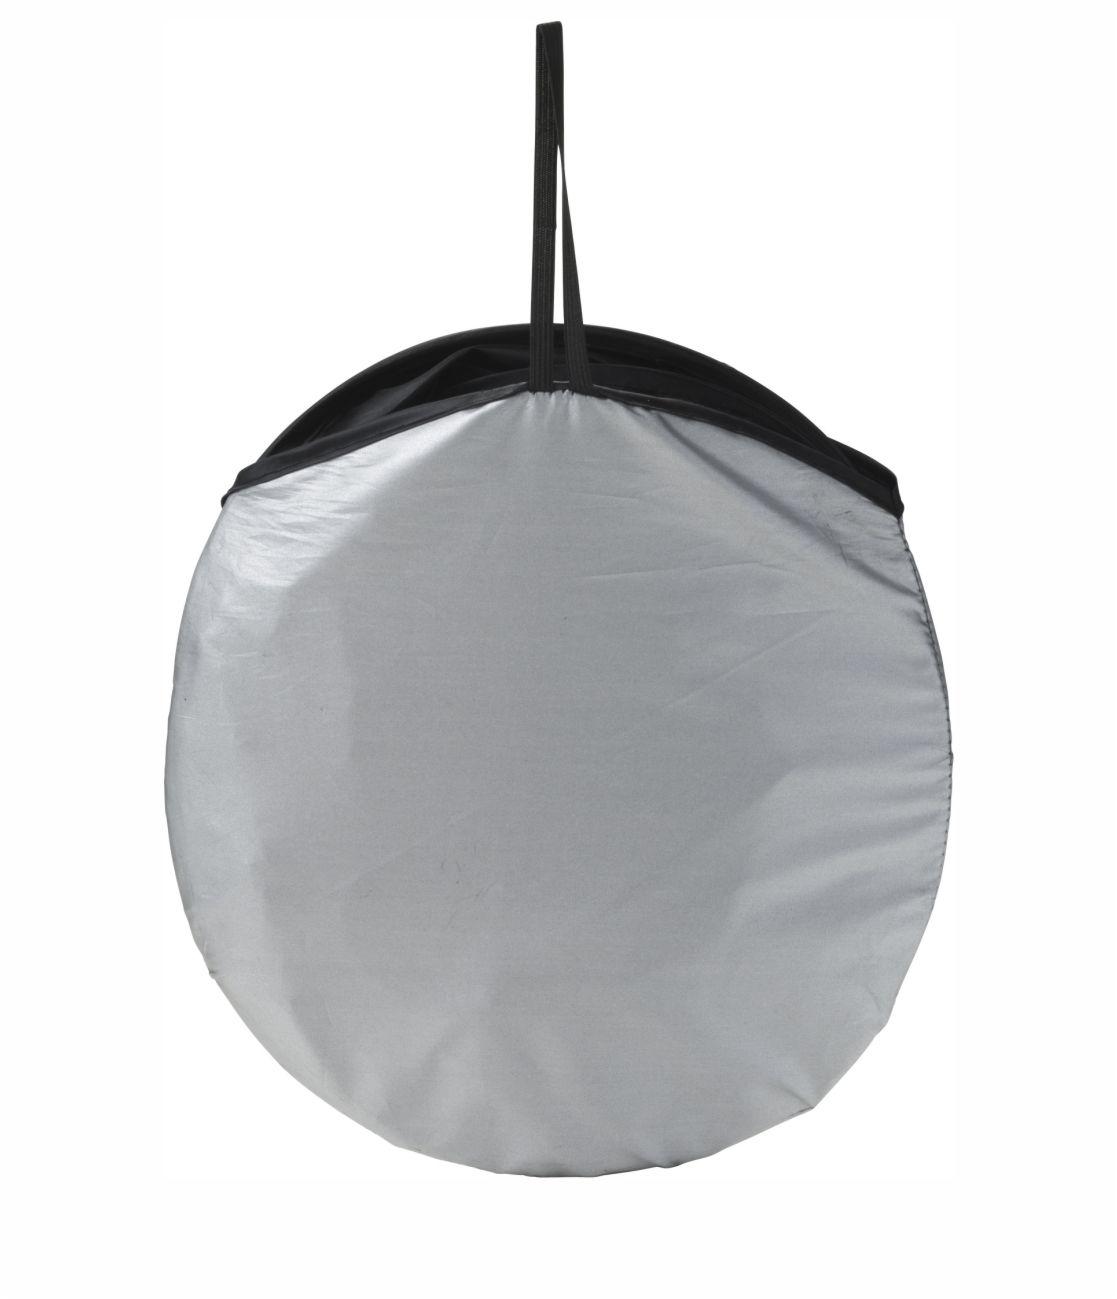 parasoles para coche Plegado. Regalos Publicitarios Personalizados